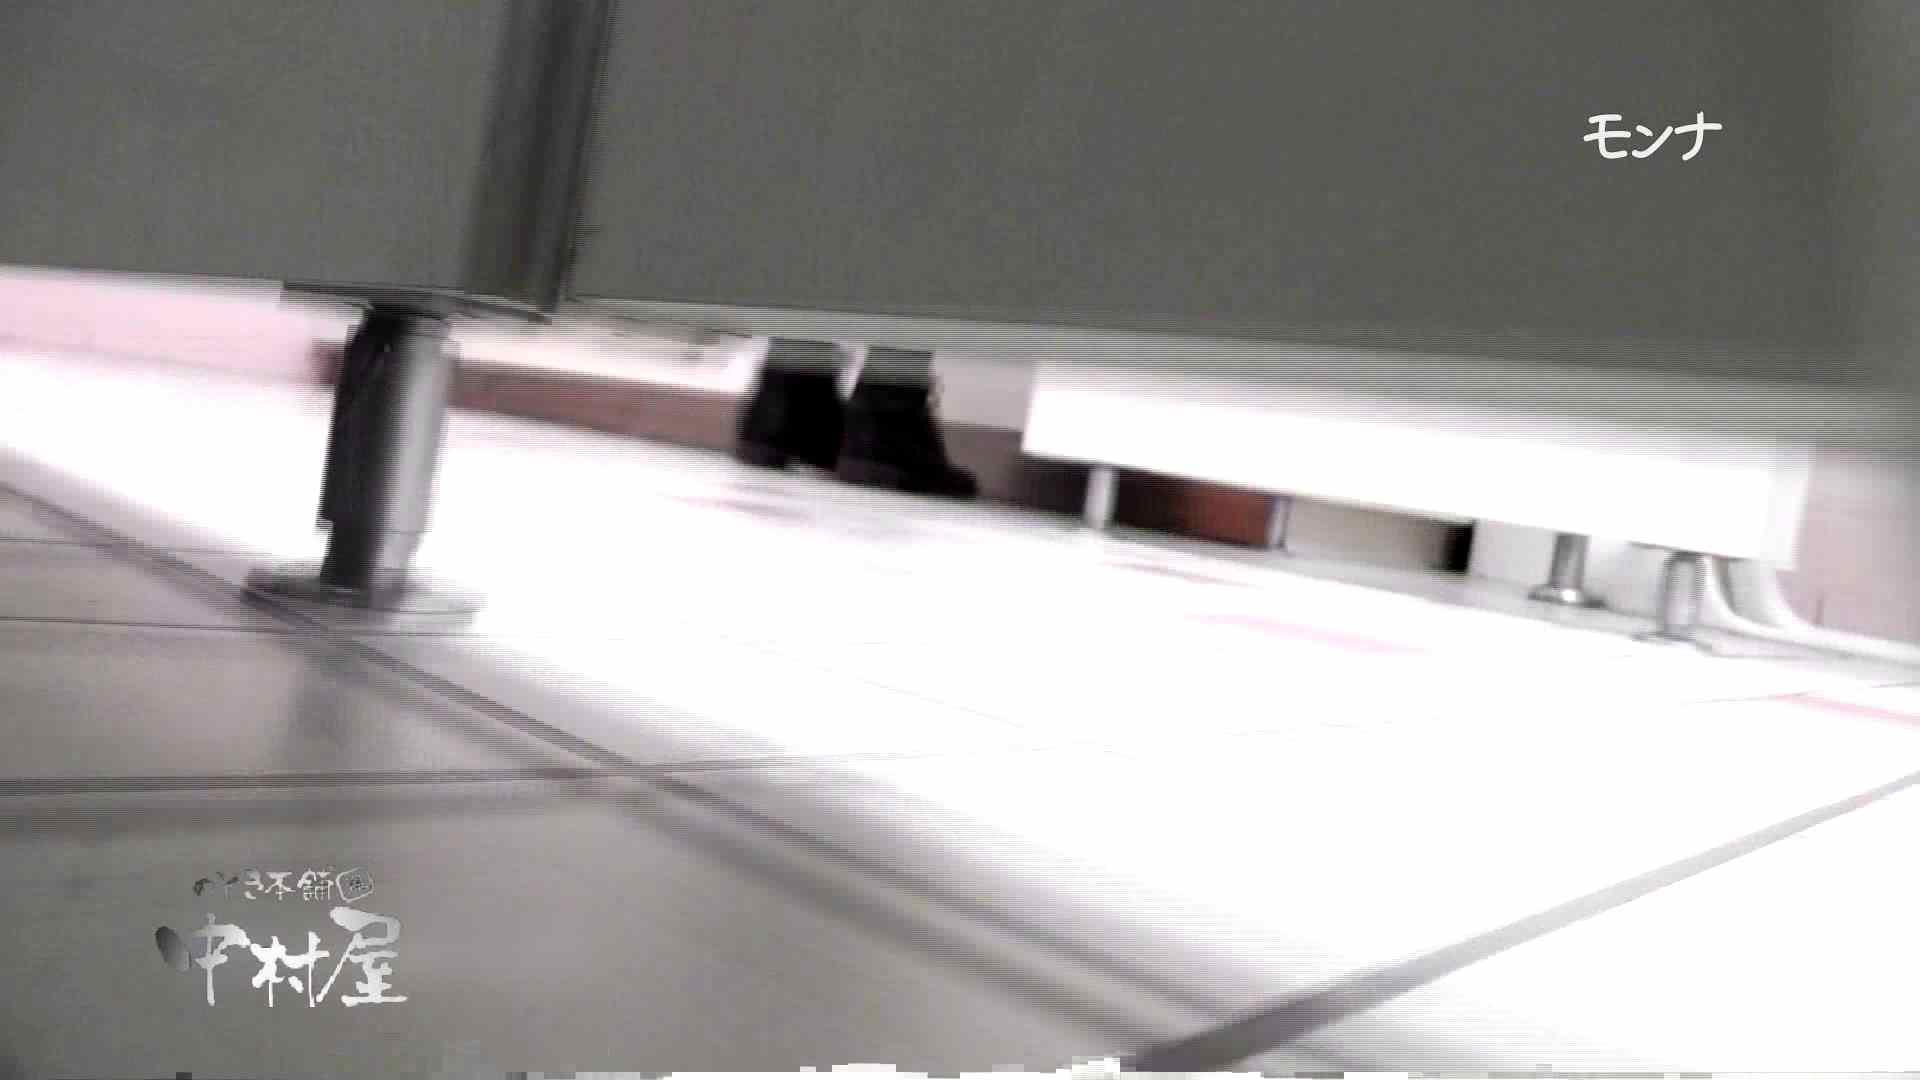 【美しい日本の未来】新学期!!下半身中心に攻めてます美女可愛い女子悪戯盗satuトイレ後編 トイレ流出 | 悪戯  82連発 41